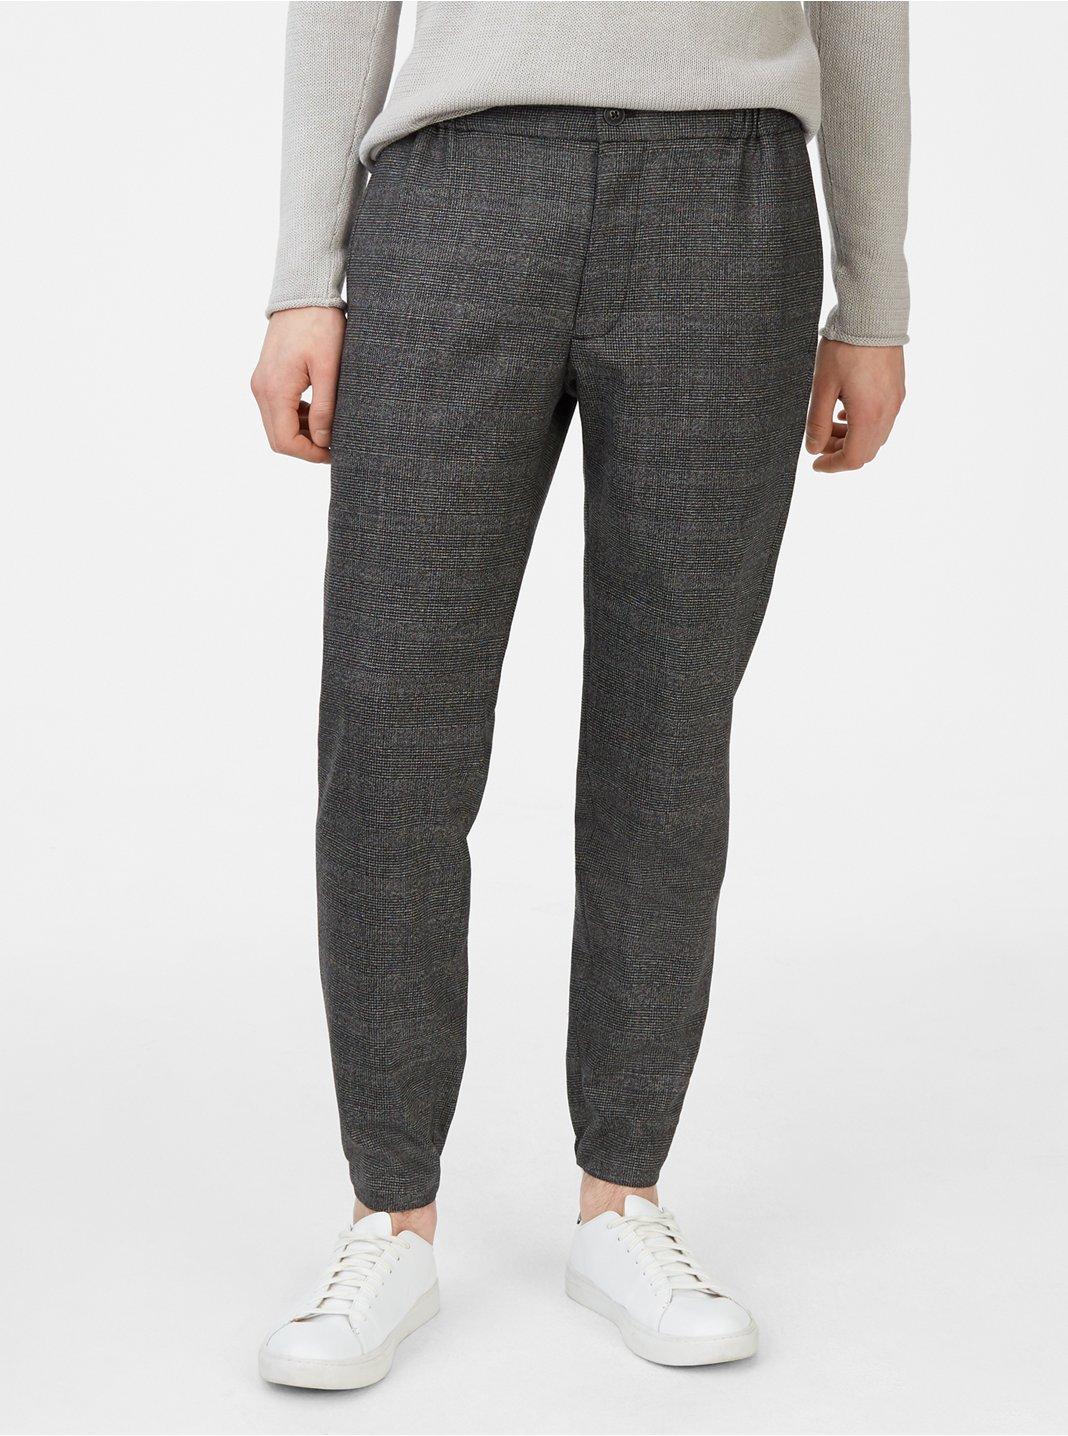 Lex Houndstooth Linen Trouser